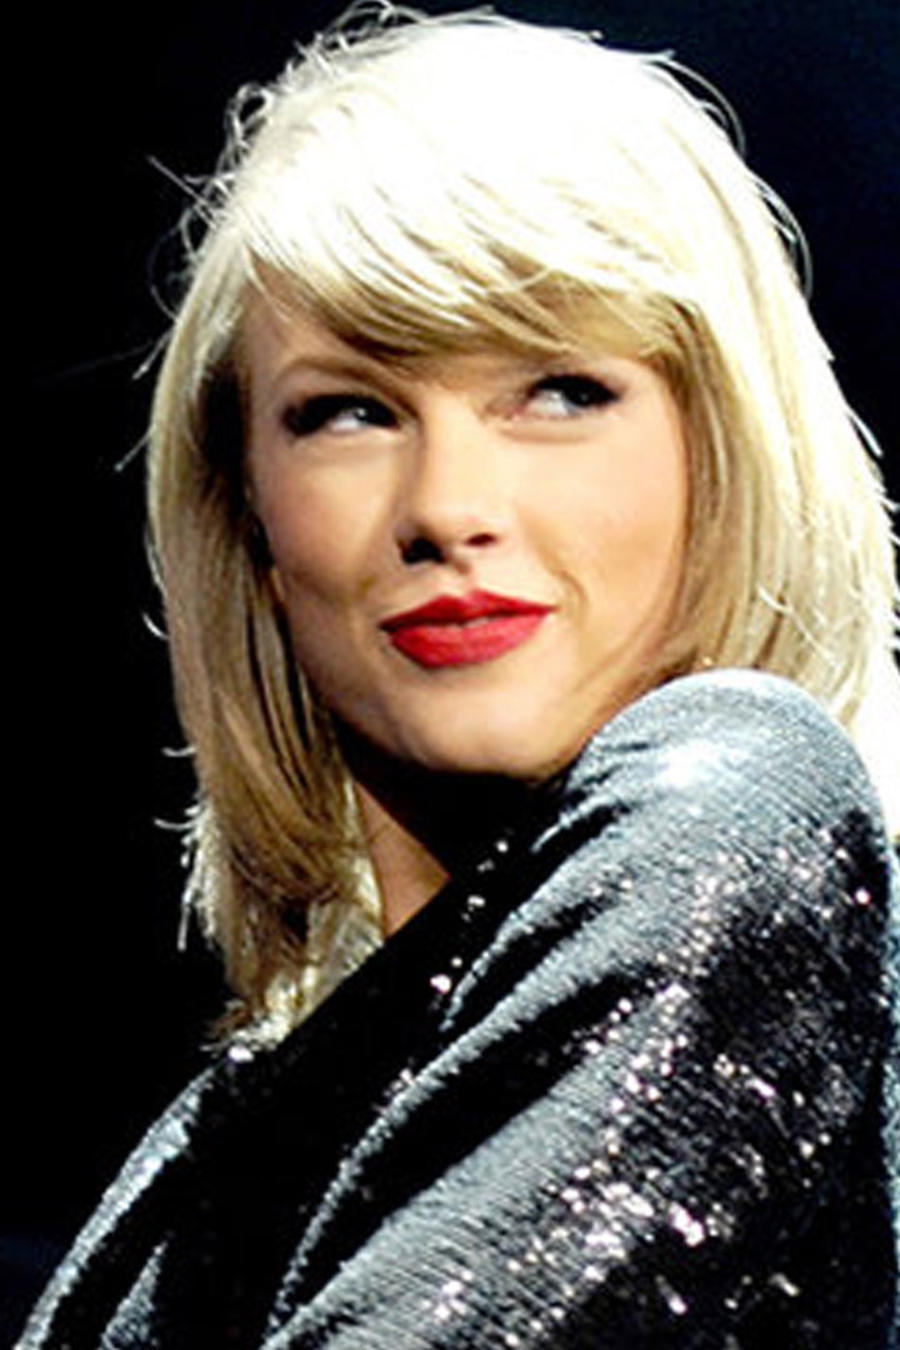 Taylor Swift sonriendo en su concierto en Manchester Arena